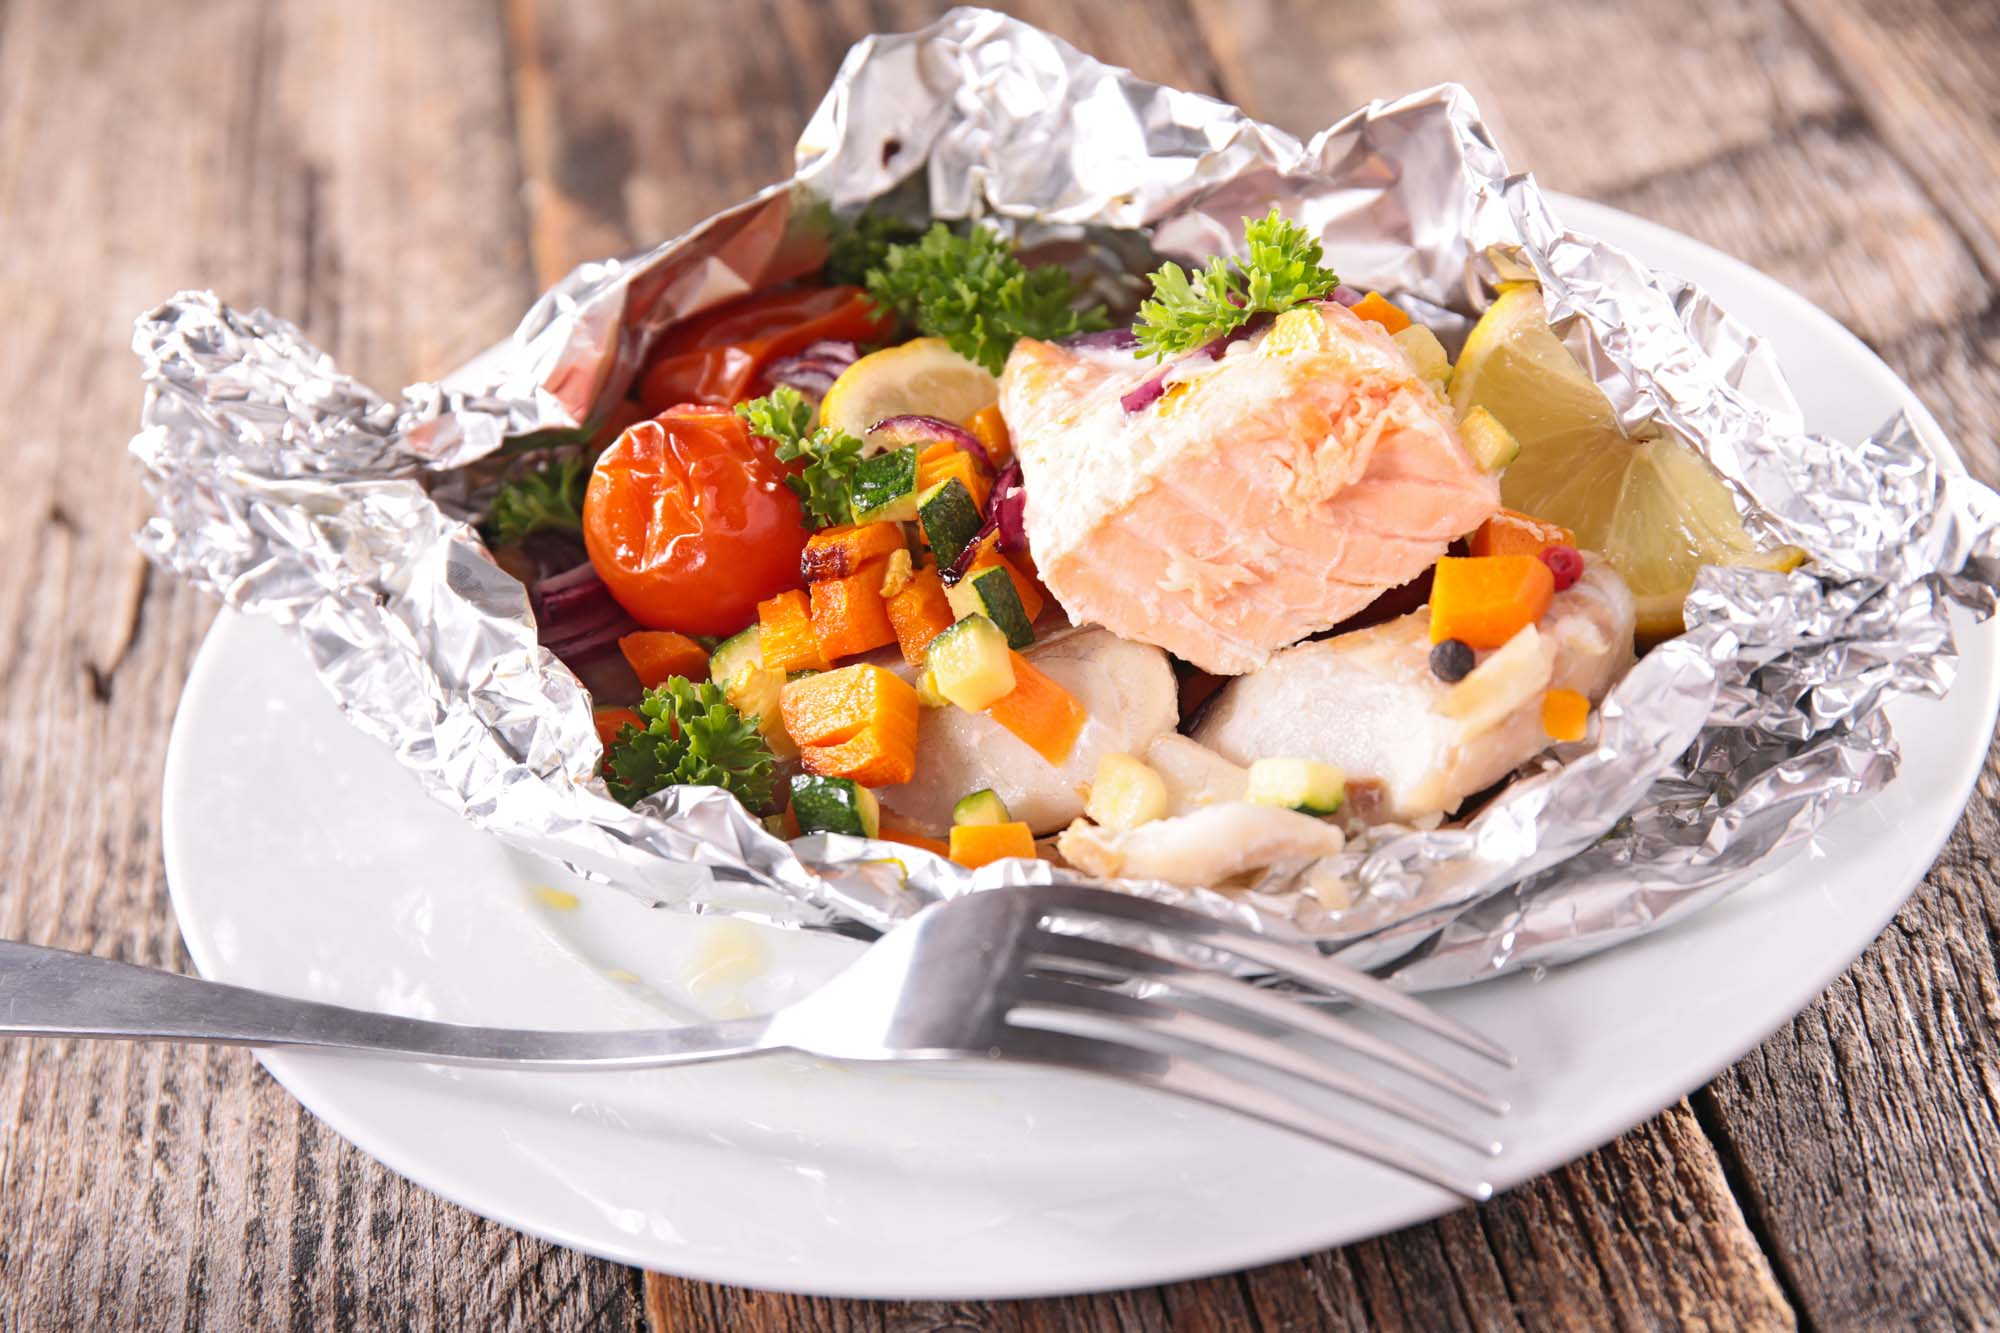 Fisk bagt med grøntsager og ingefær